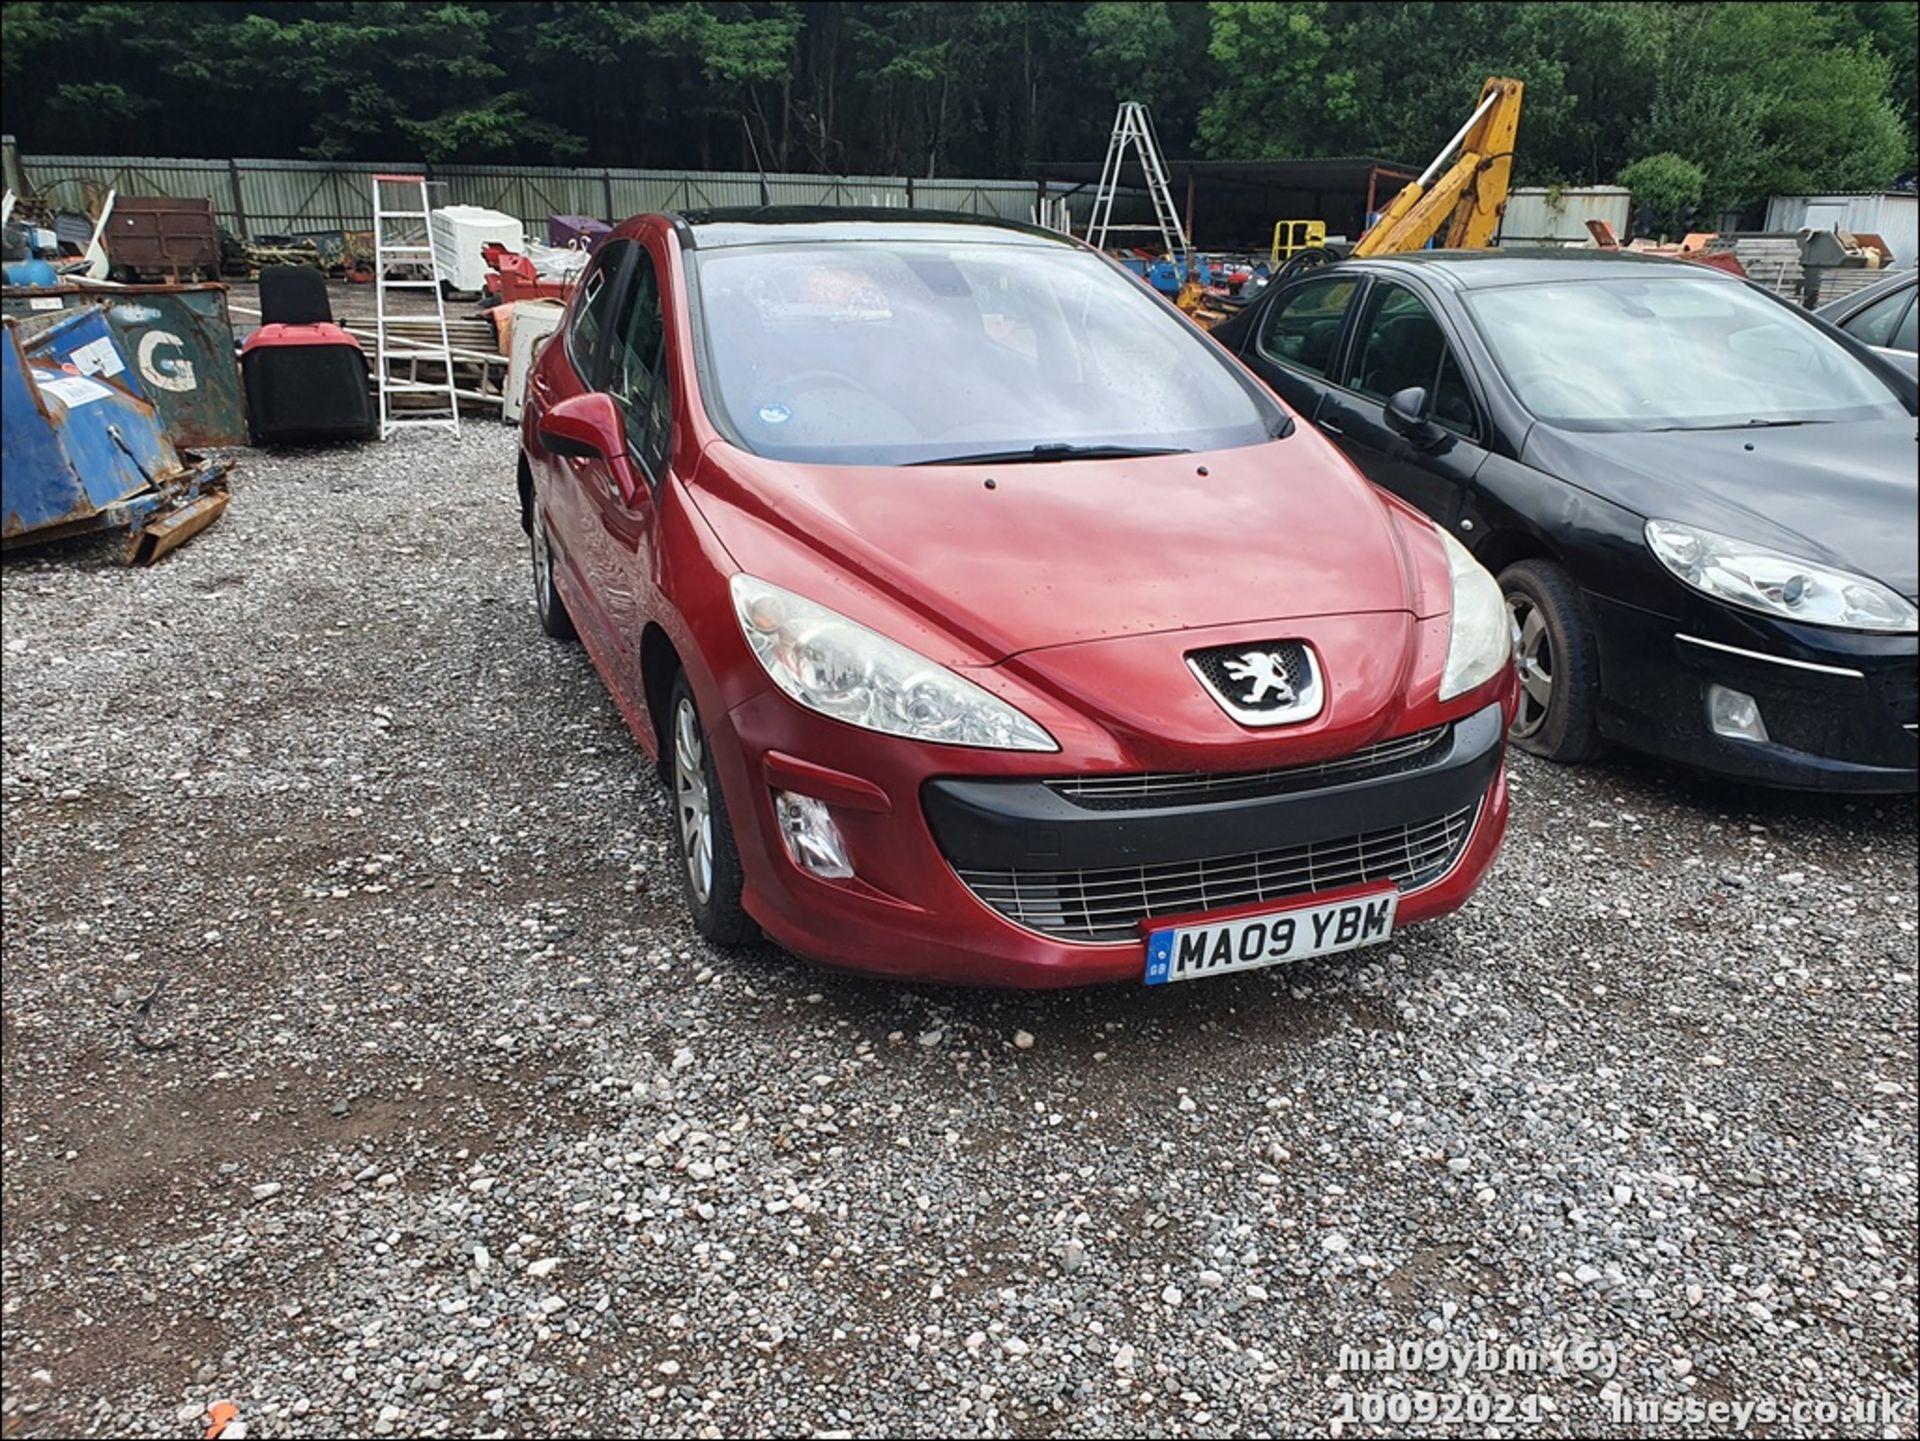 09/09 PEUGEOT 308 SE HDI - 1560cc 5dr Hatchback (Red) - Image 5 of 19